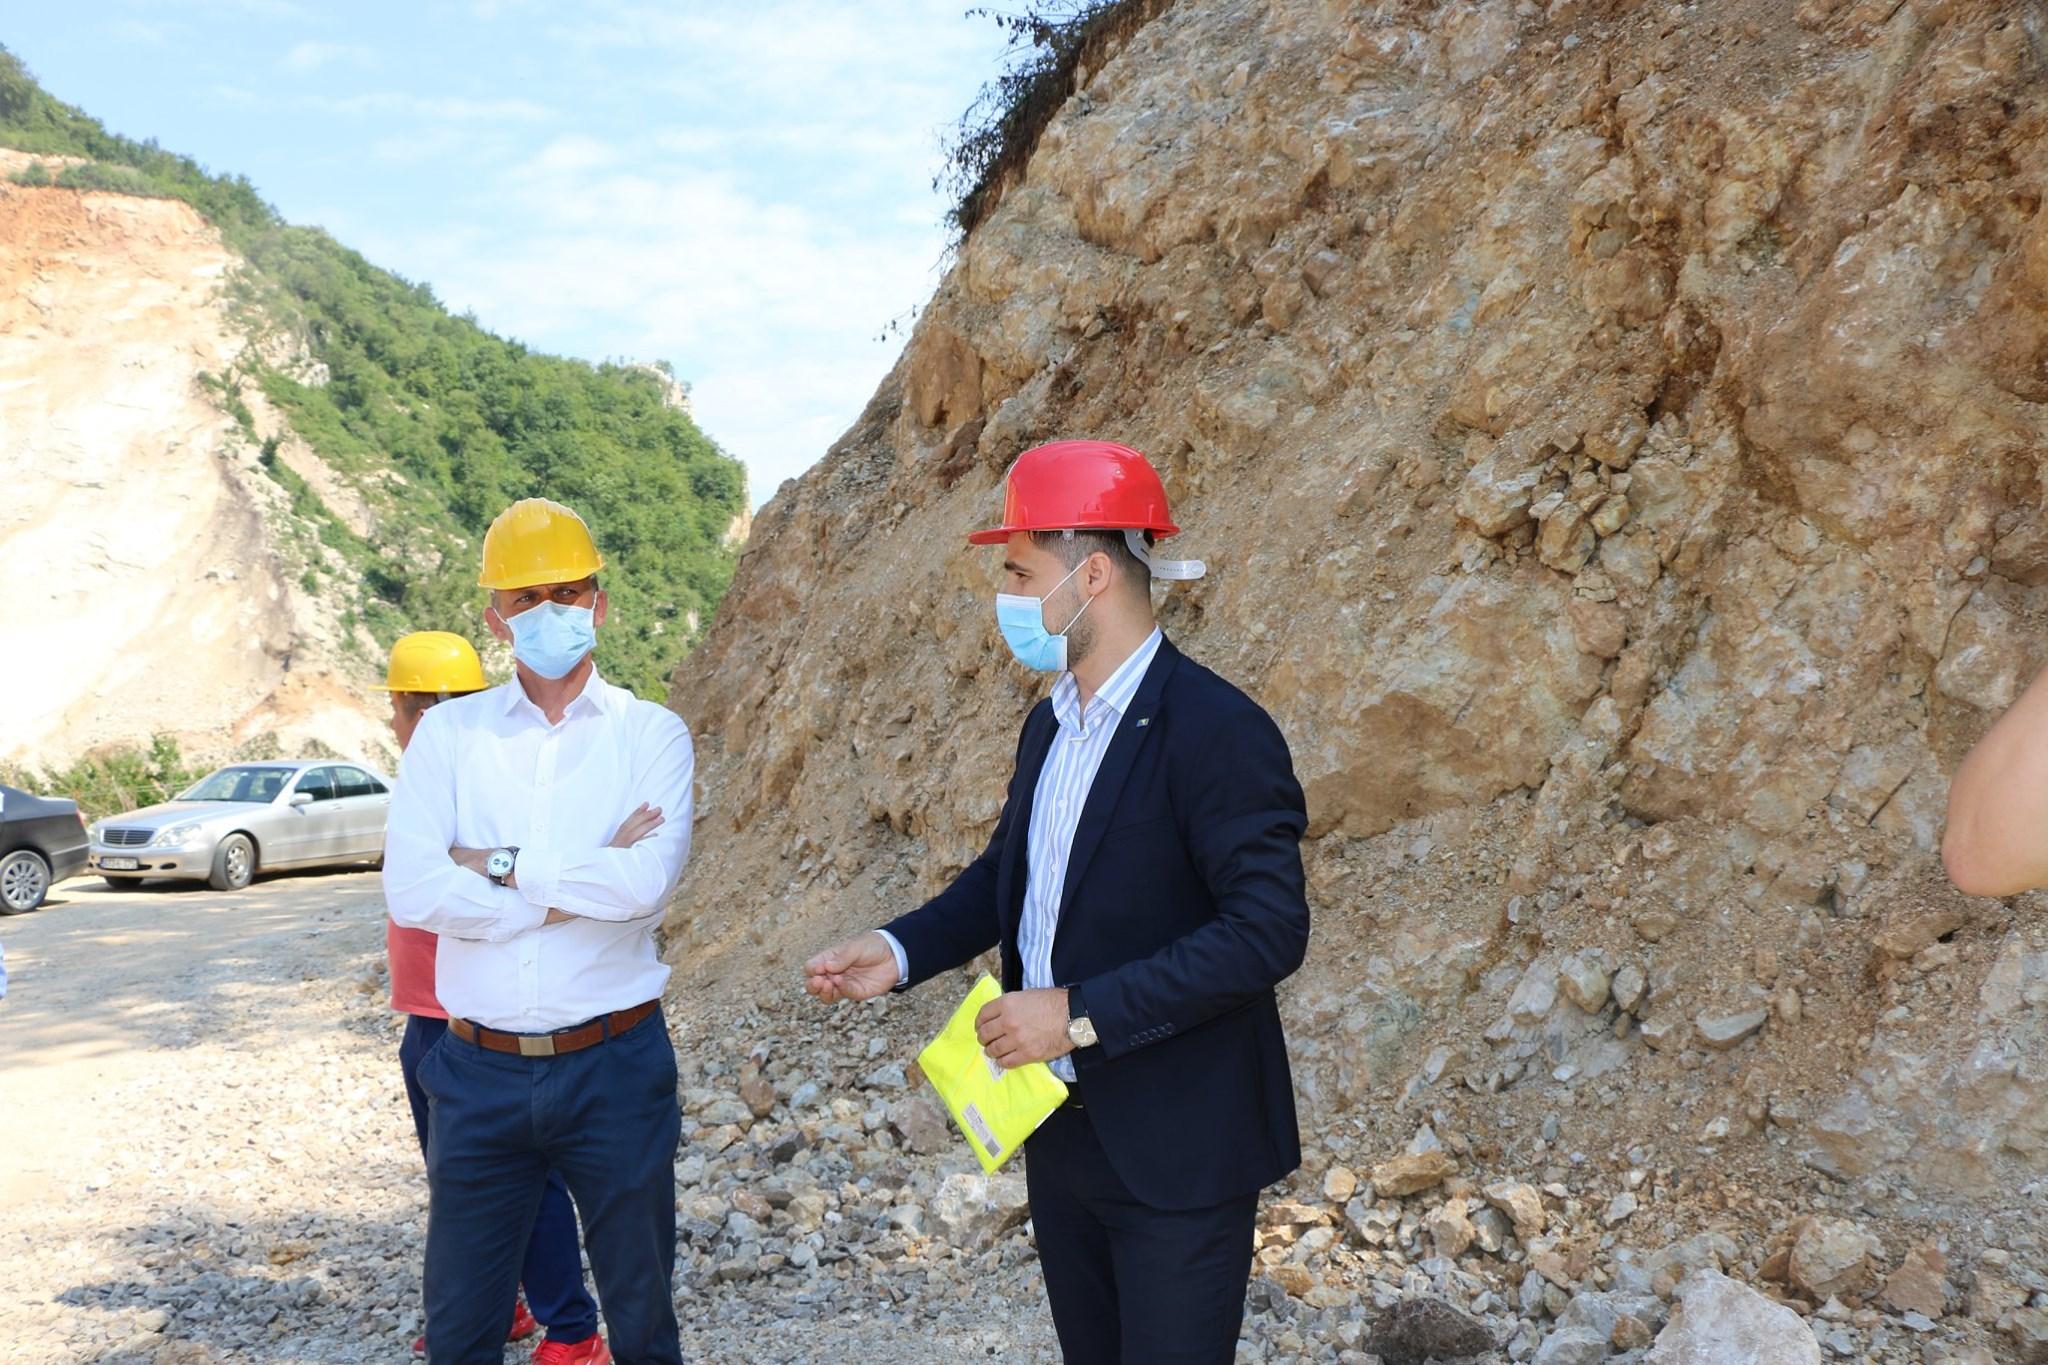 Probijanje trase puta Donji Kakanj-Kondžilo: Premijer i ministri Vlade ZDK sa općinskim načelnikom obišli aktuelne radove, očekuje se dodatnih 600.000 KM za završetak I faze